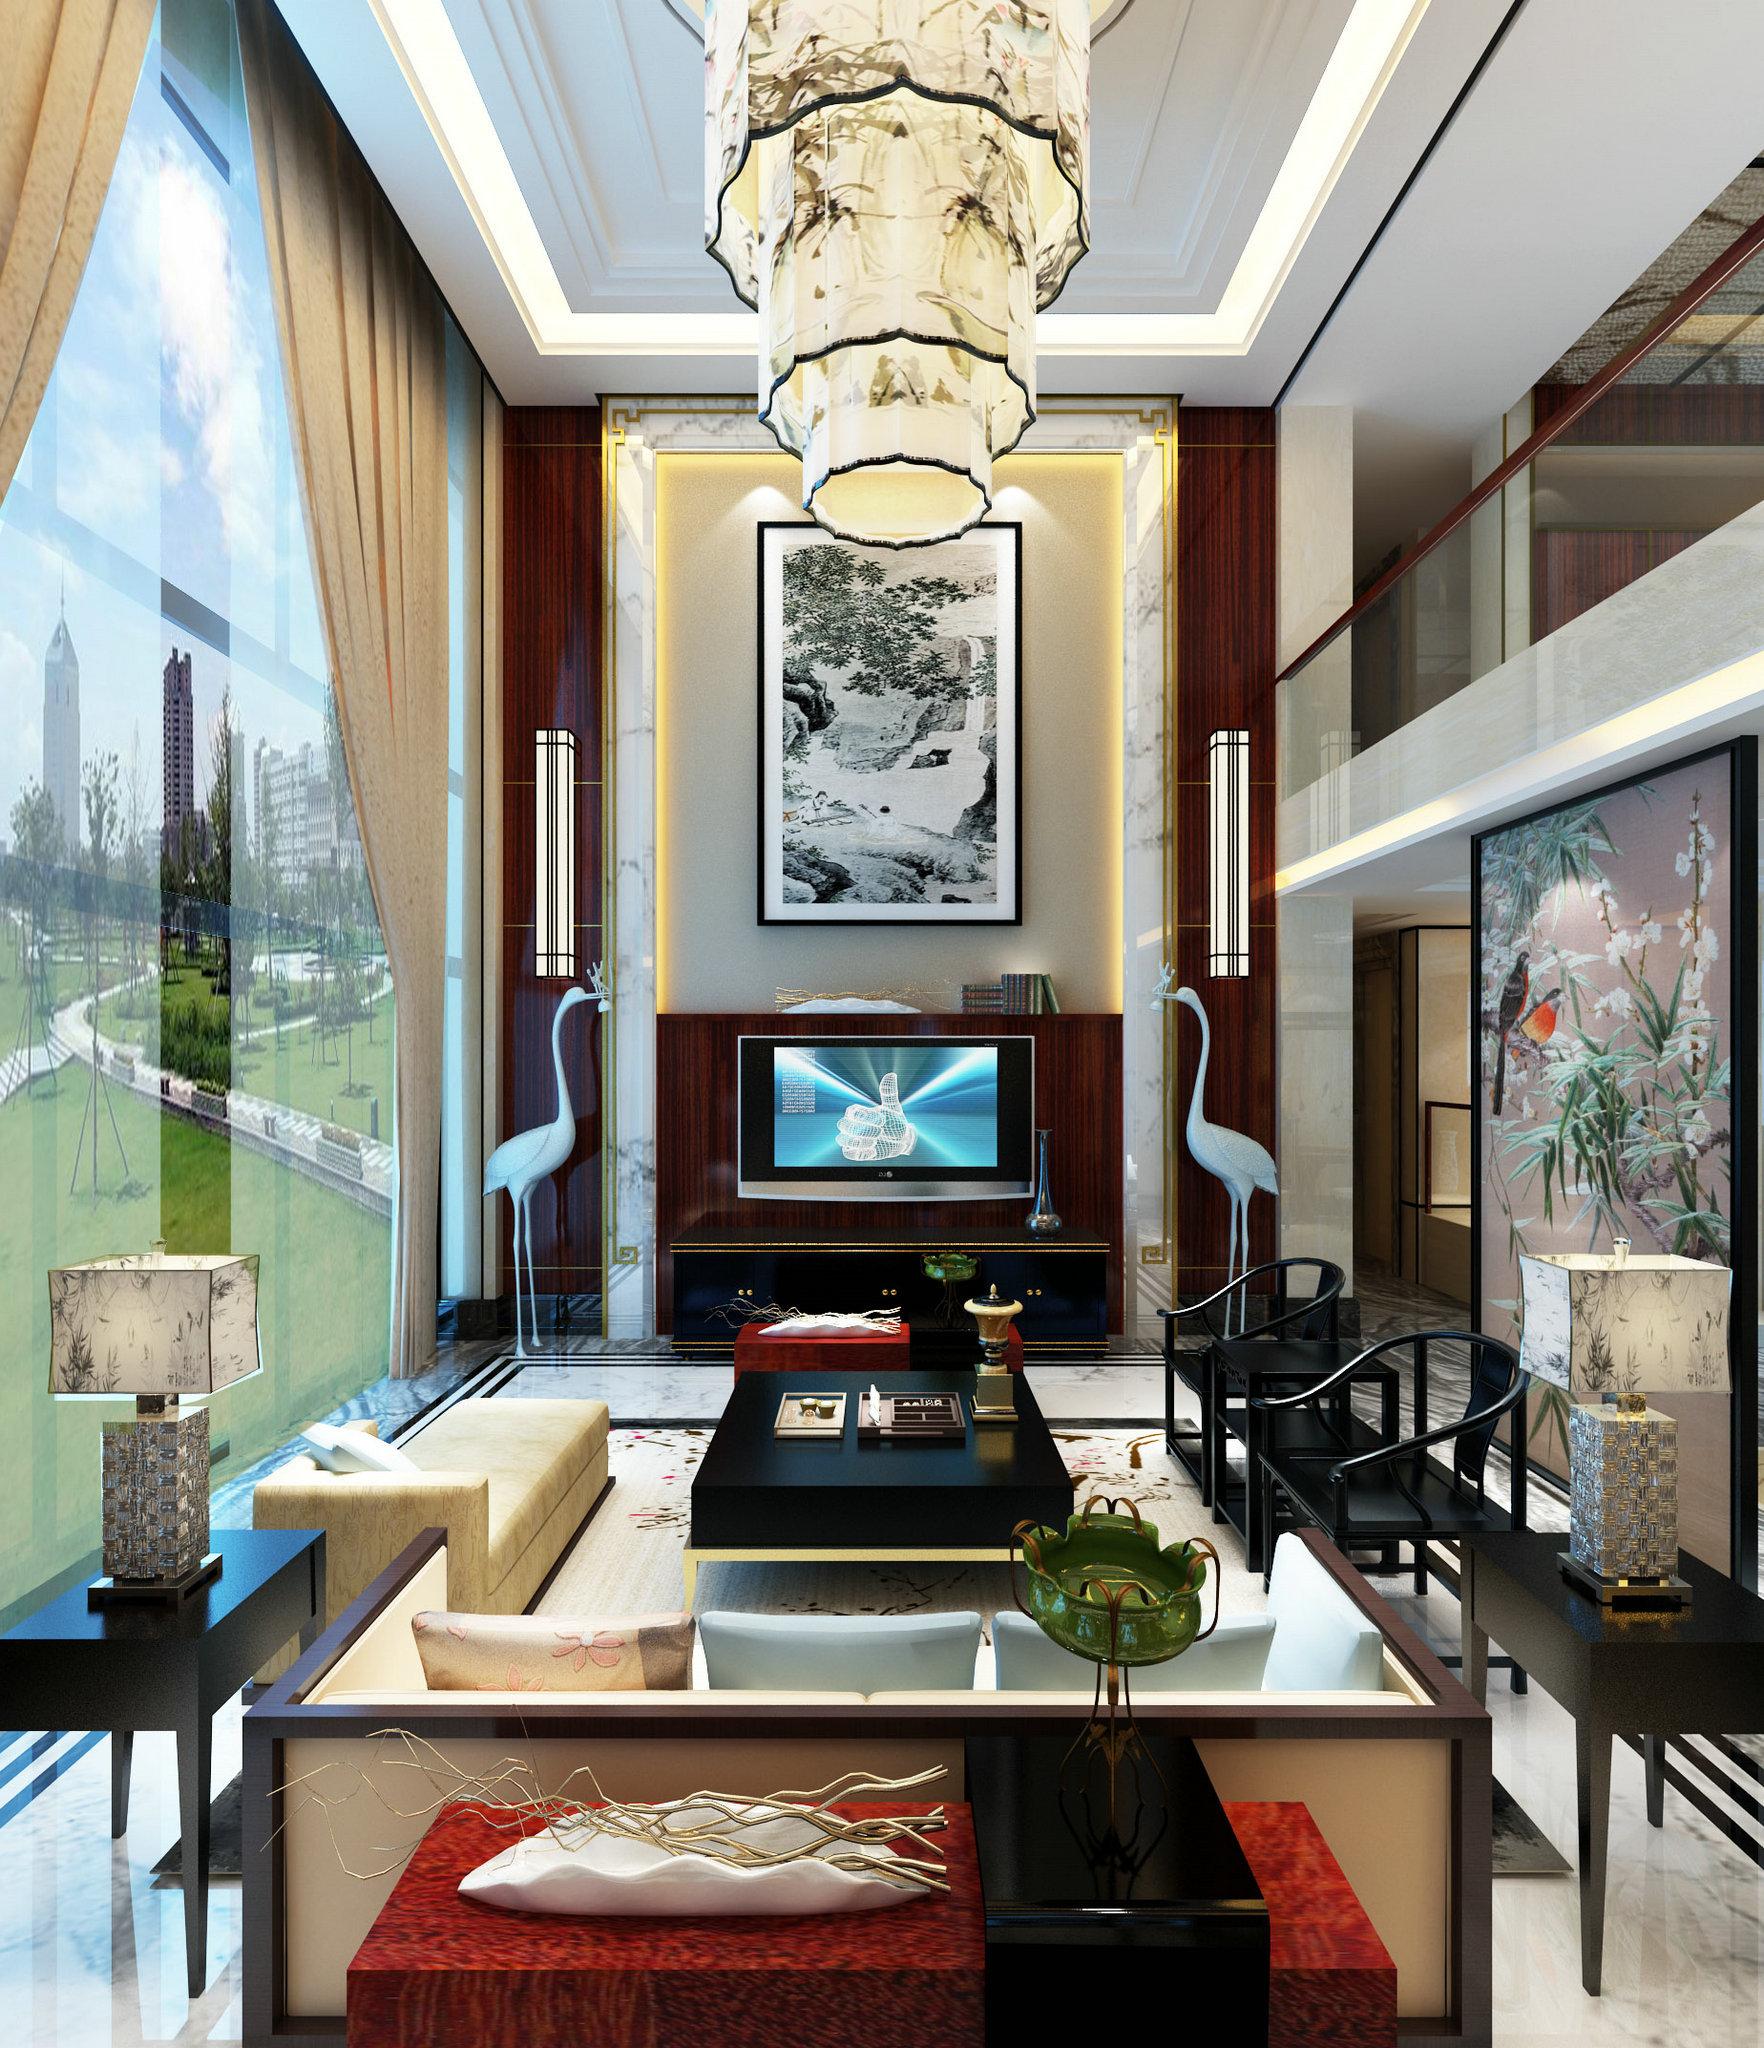 国宾一号 别墅装修 欧美风格 腾龙设计 客厅图片来自腾龙设计在国宾一号别墅装修欧美风格设计的分享